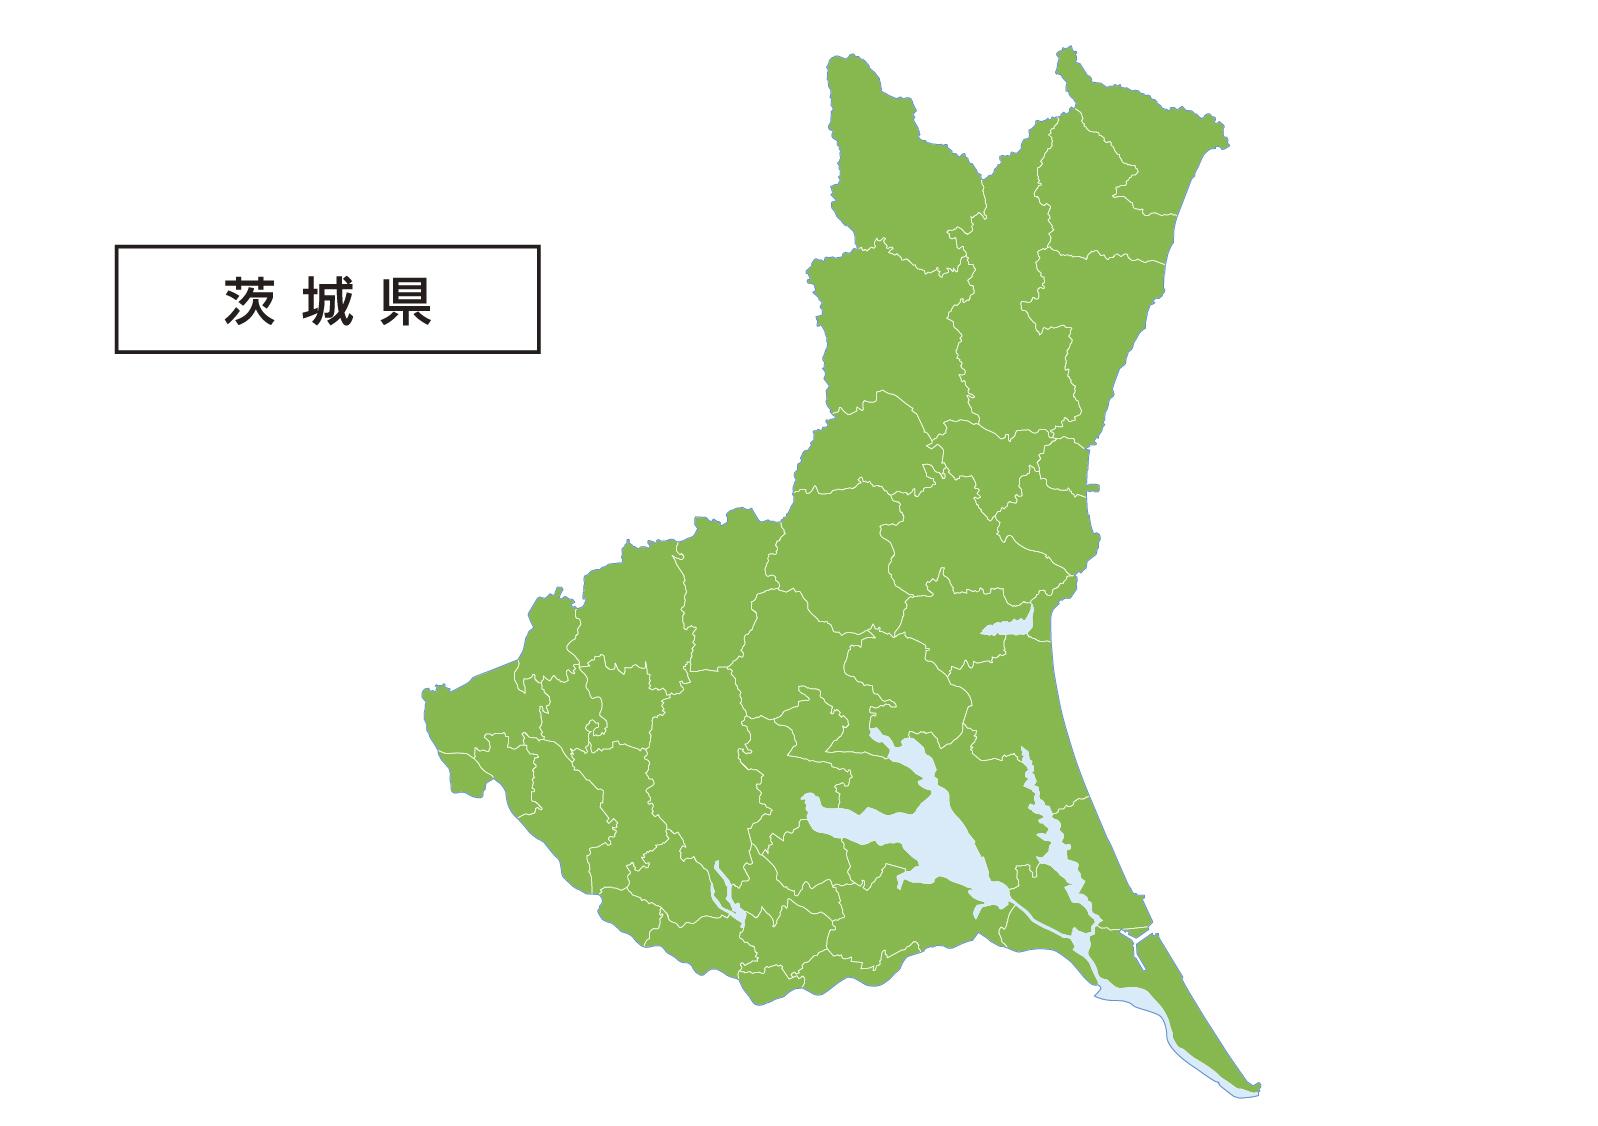 茨城県で債務整理・任意整理の費用が安いと評判の事務所を選ぶべき?